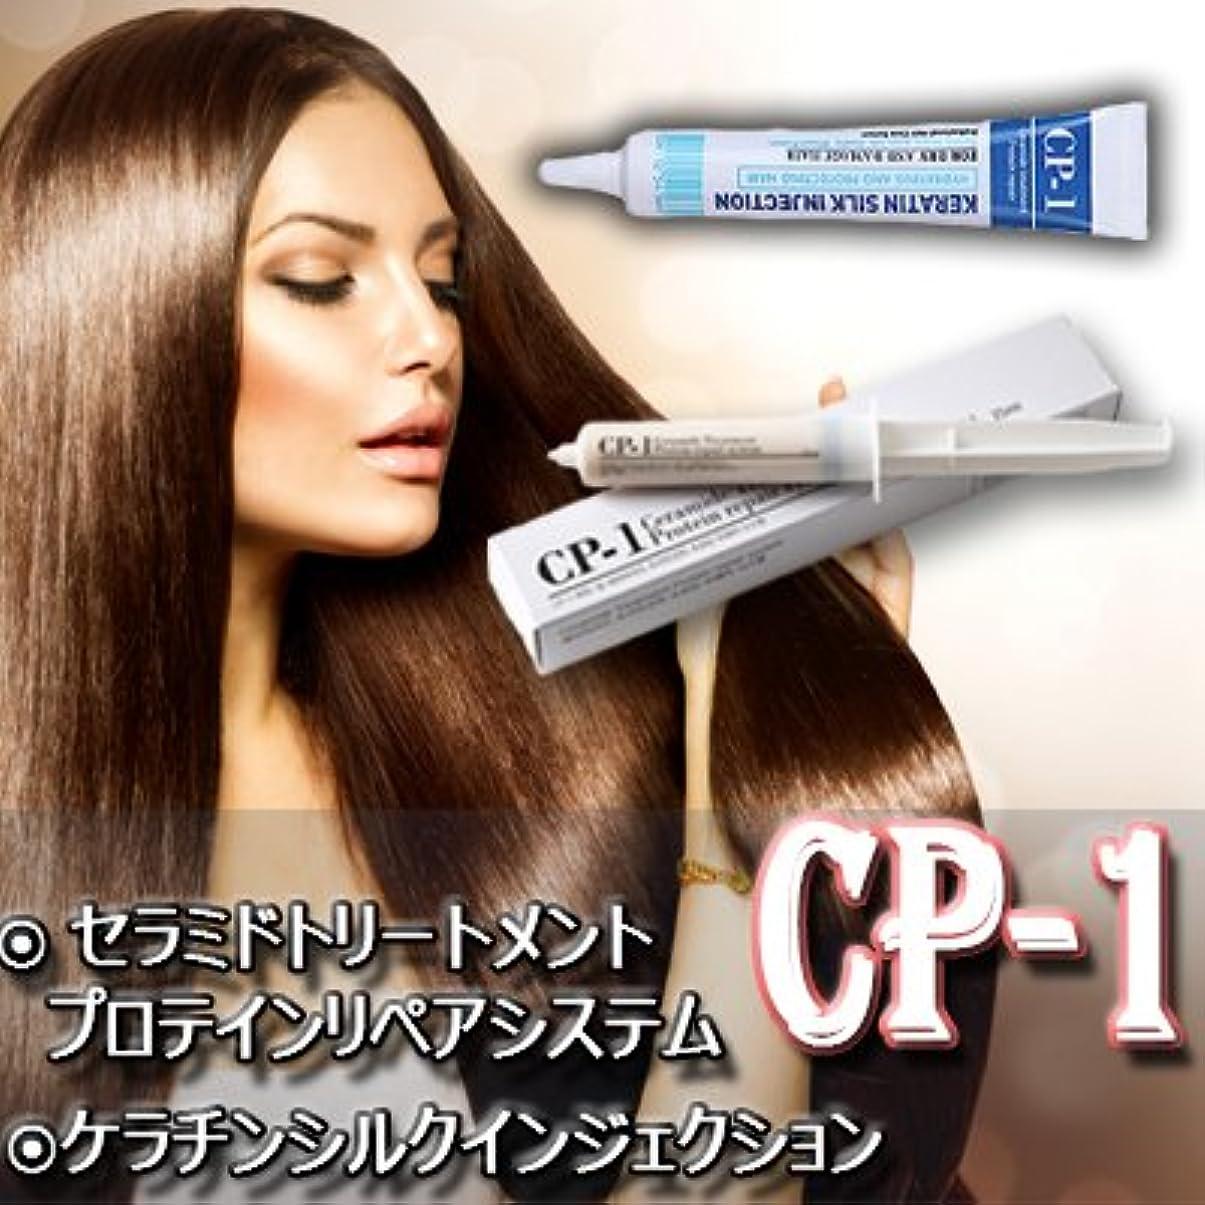 君主押し下げるくすぐったい[CP-1 Keratin 10pcs 1タンパク質アンプル] 洗いながすことなく塗るだけOK!毎日使用してください!【10個入り】